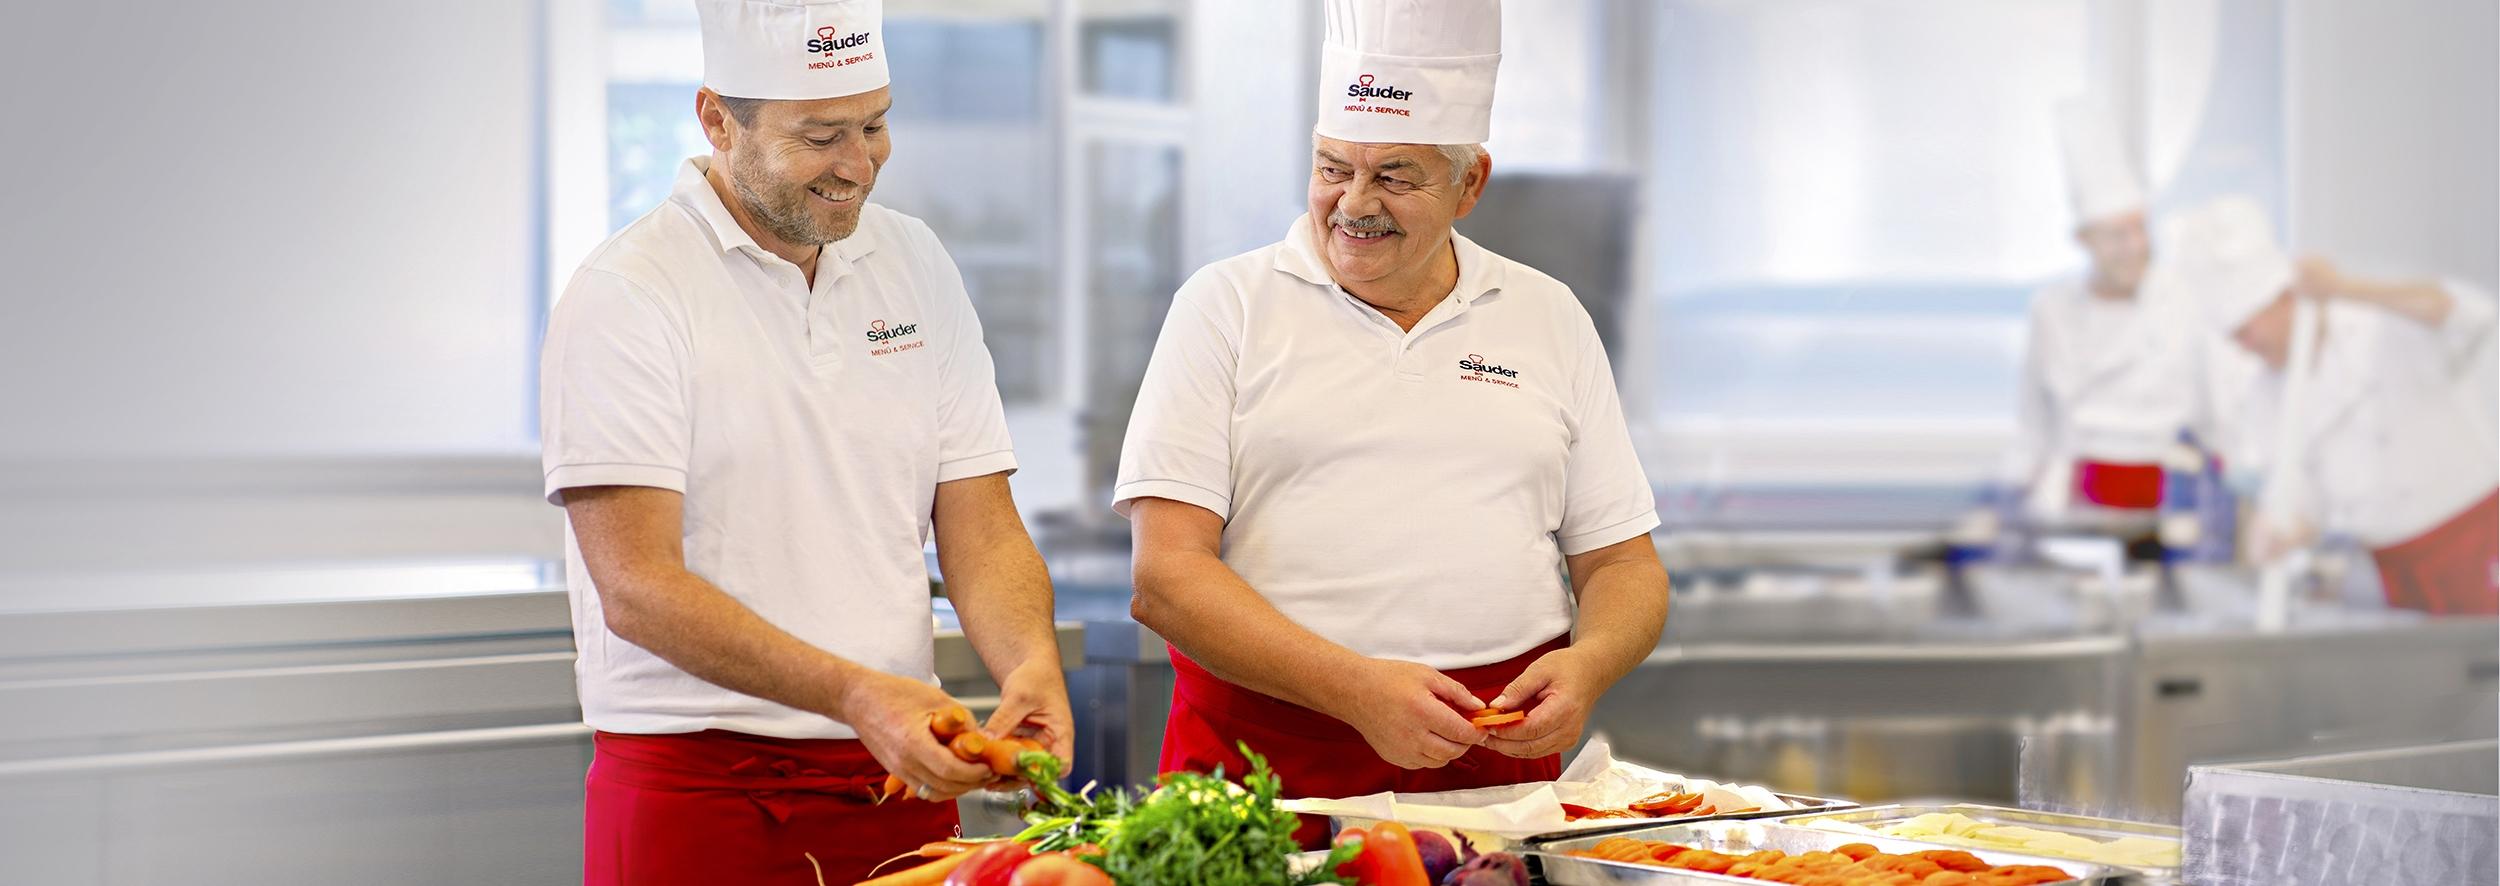 Unser Anspruch, Sauder GmbH